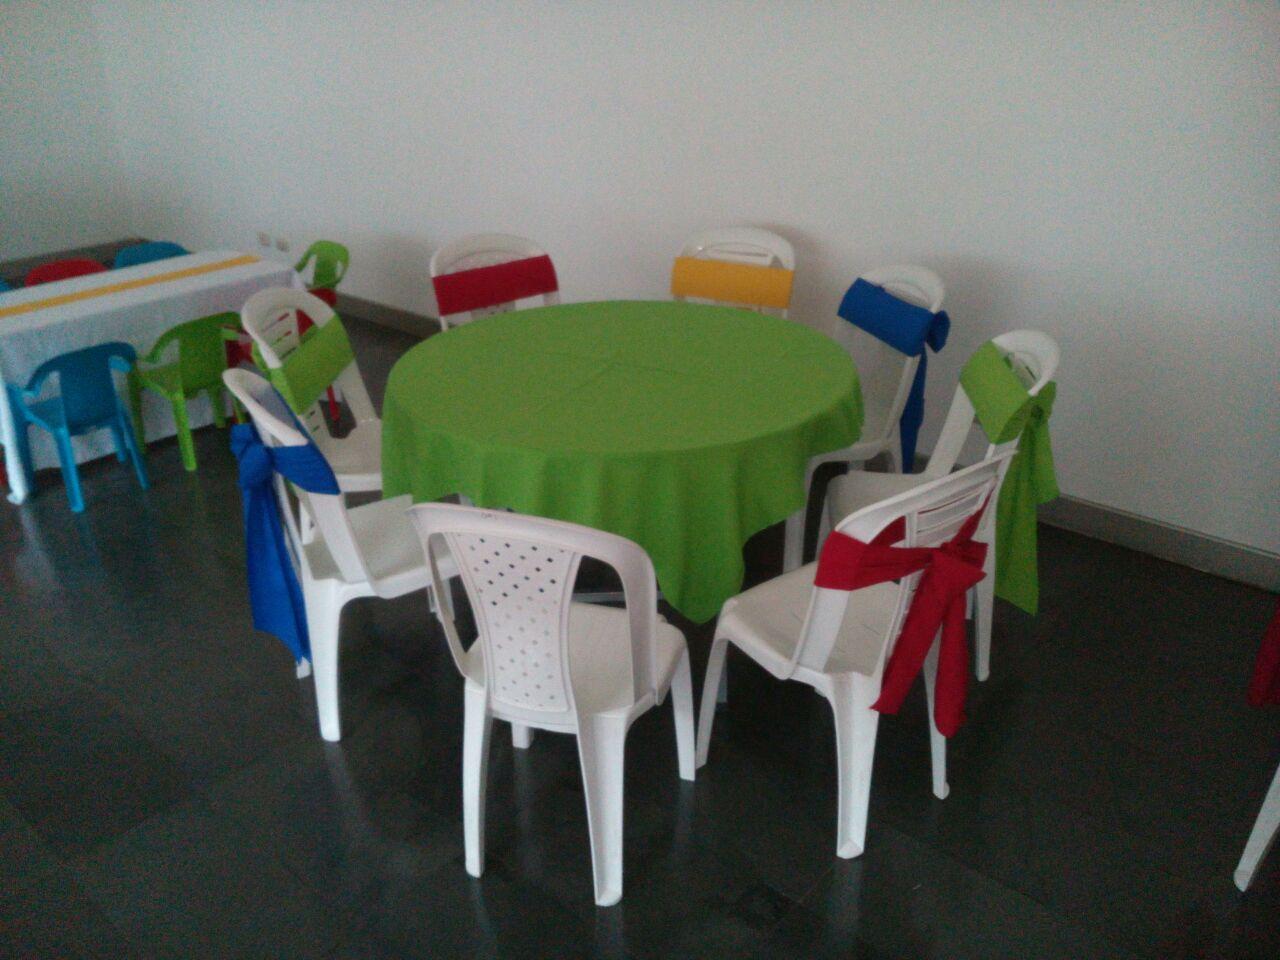 ALQUILER DE SILLAS MESAS Y MANTELES - yokelo recreacion payasos ...